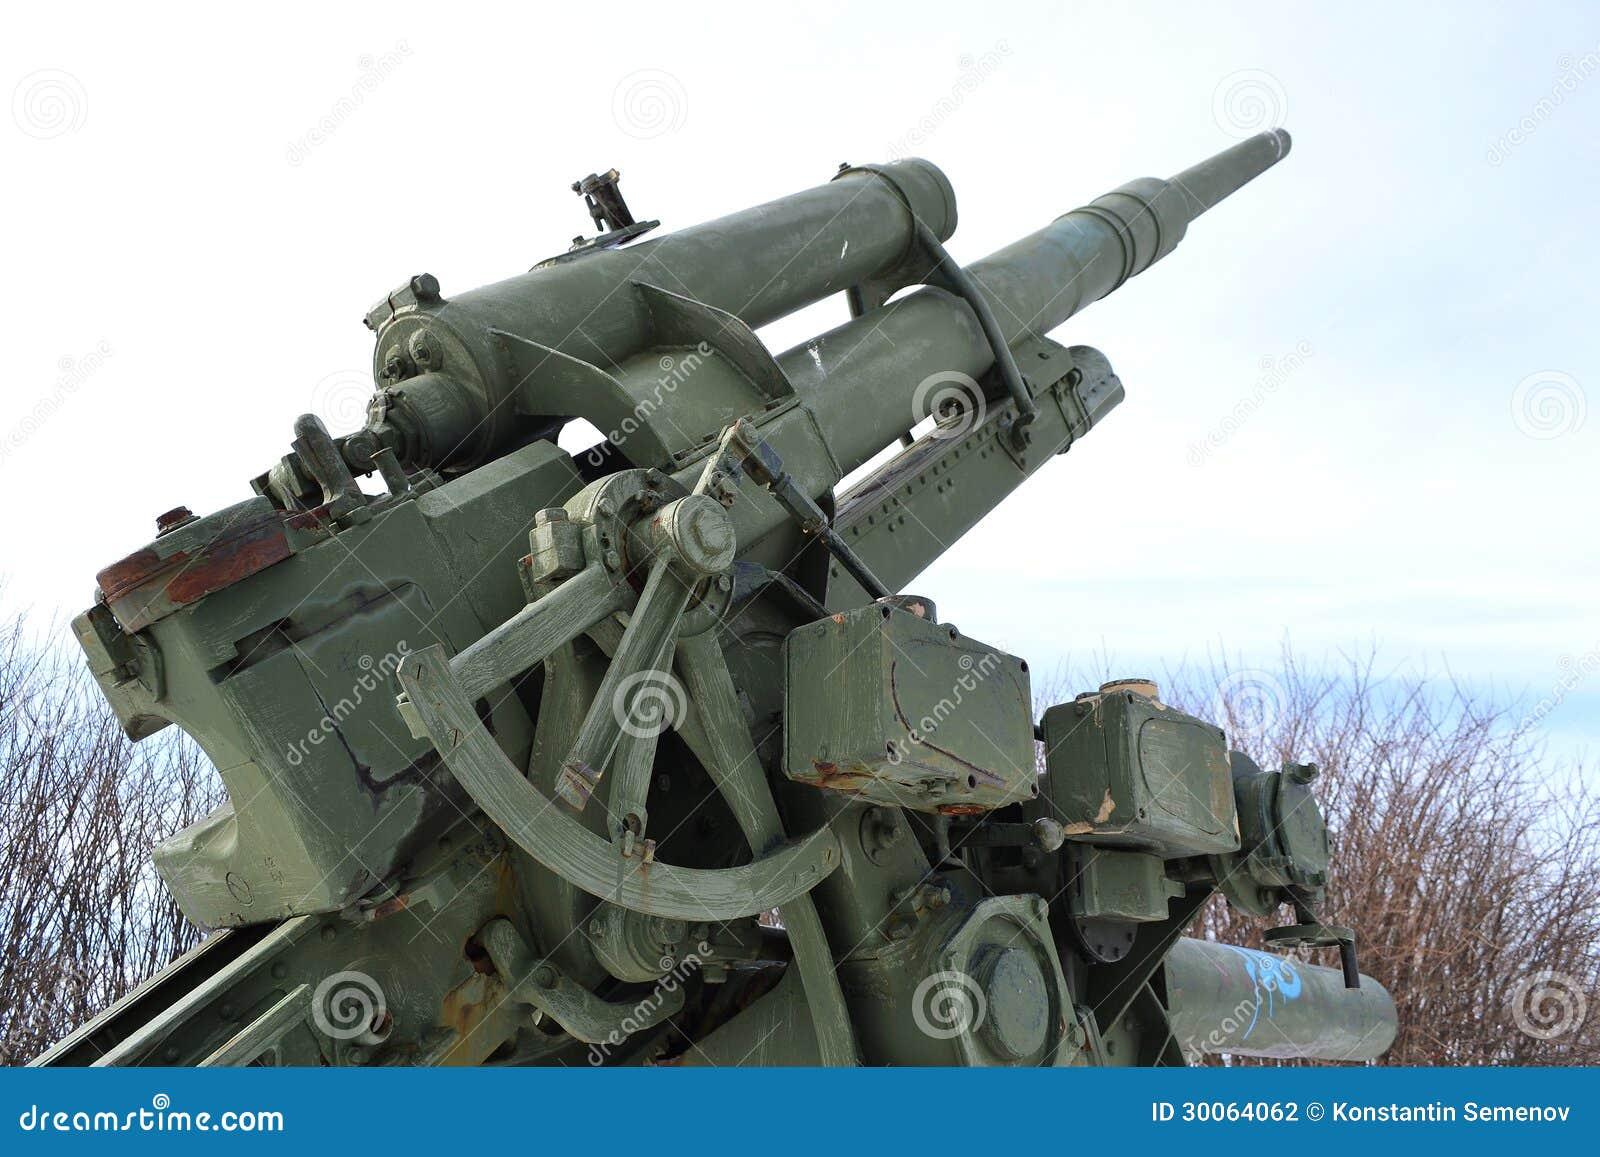 Alte fliegerabwehrkanone des zweiten weltkriegs in kotka, finnland